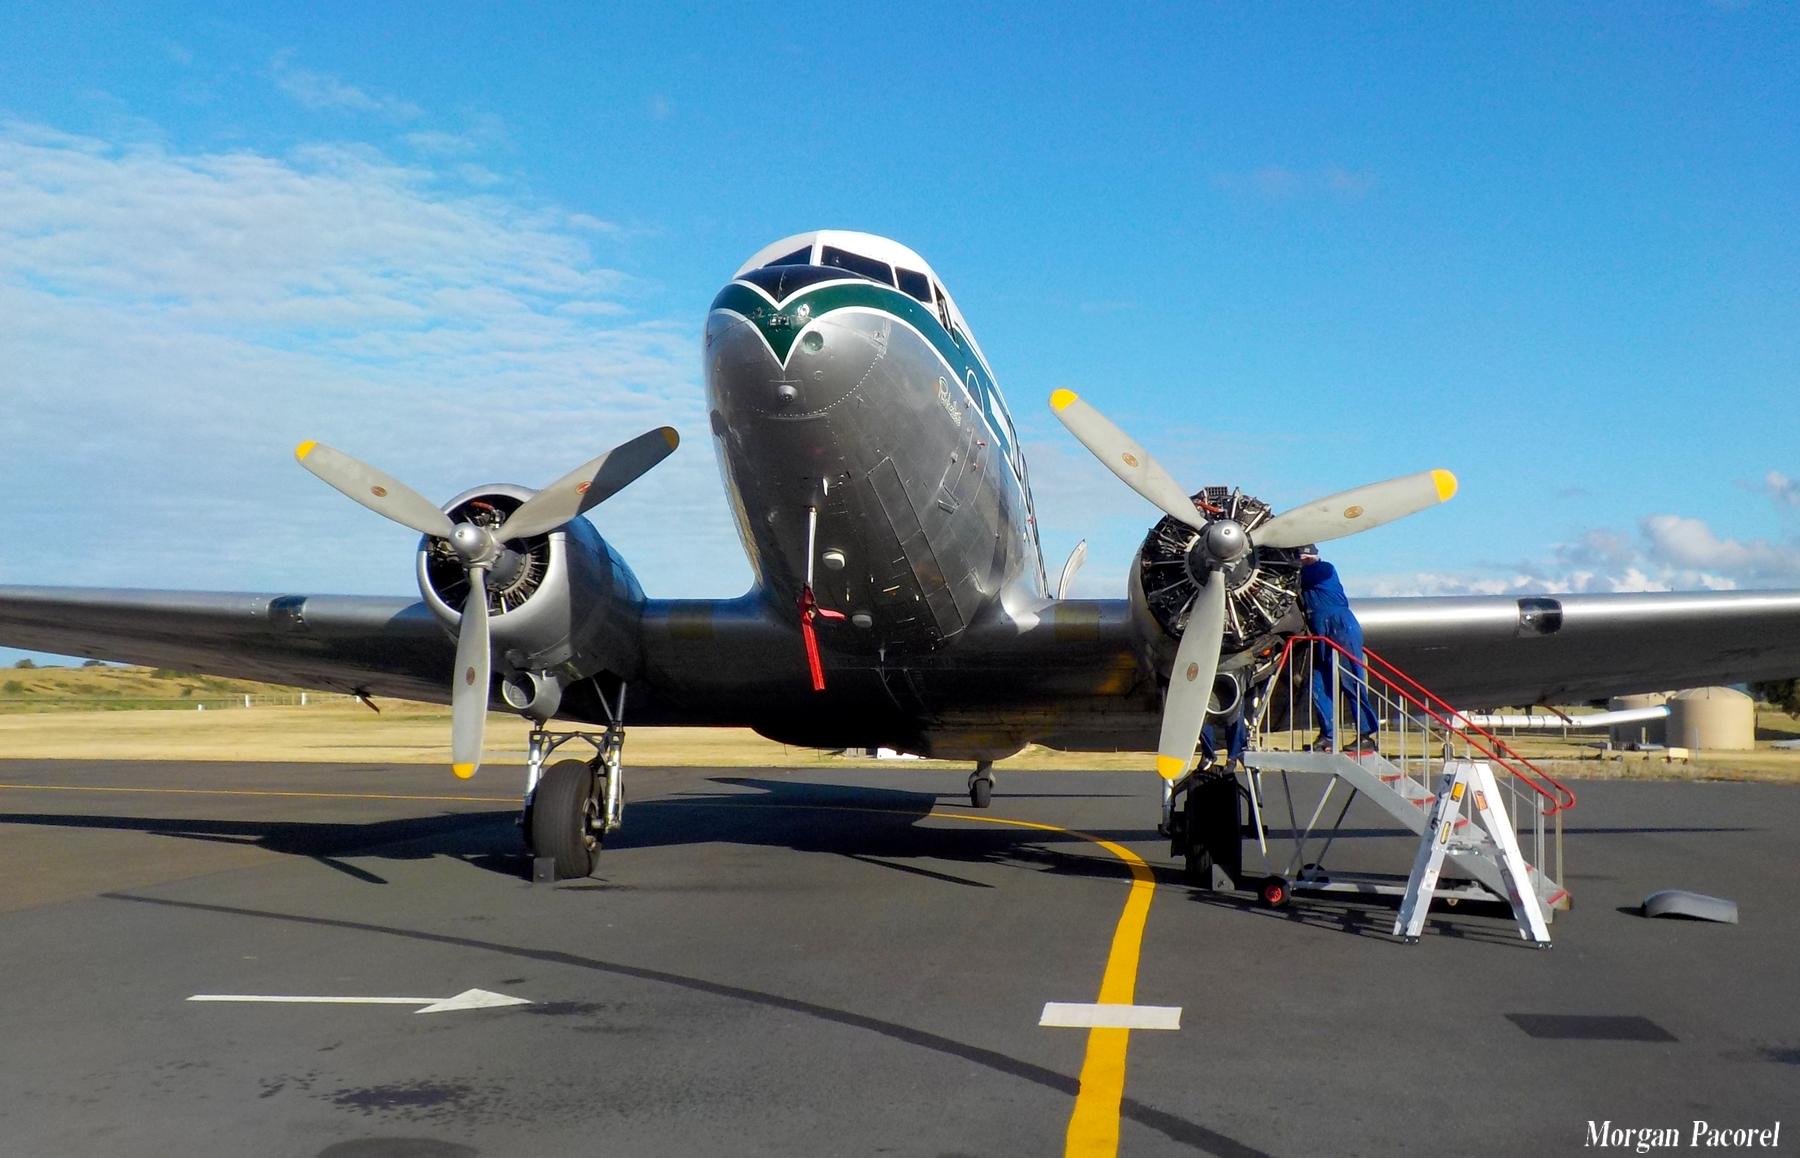 Nouvelle Zélande : spotting à Taupo et Wakatane 180103045243882638